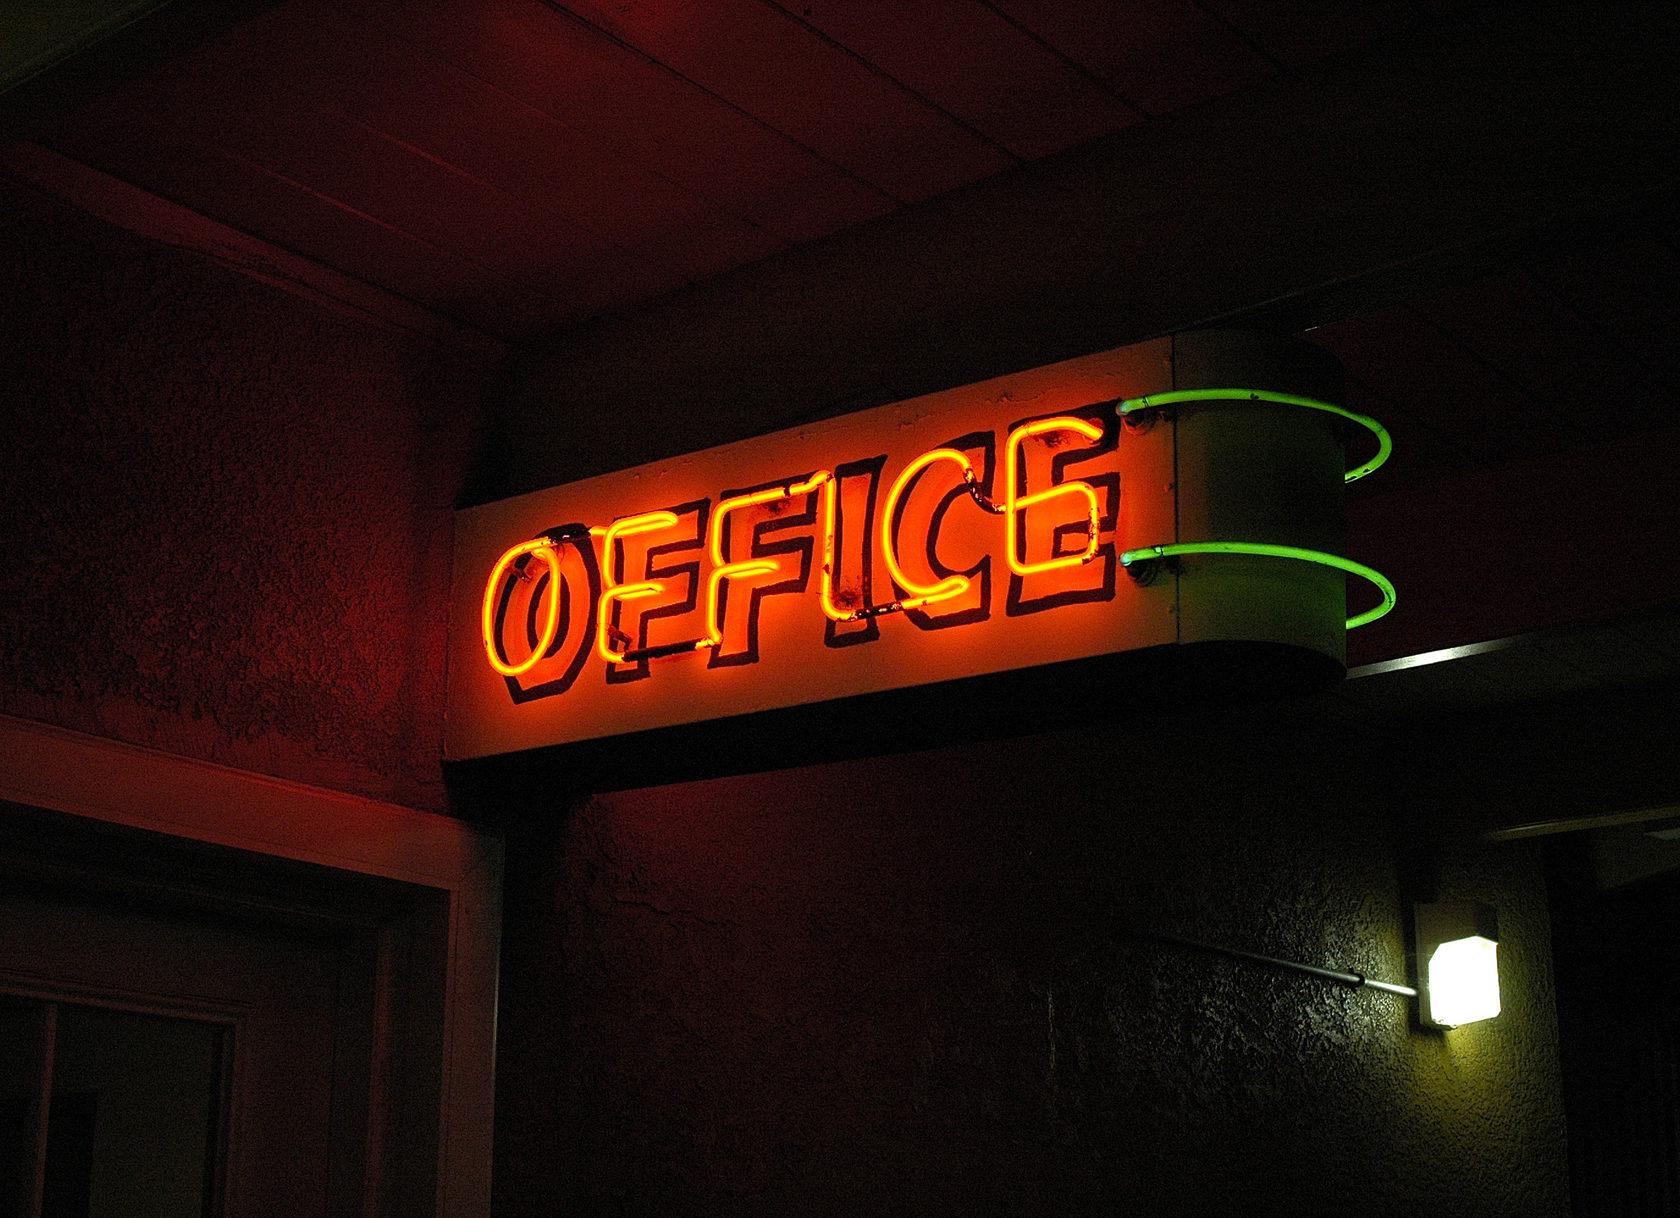 неоновая вывеска в офис